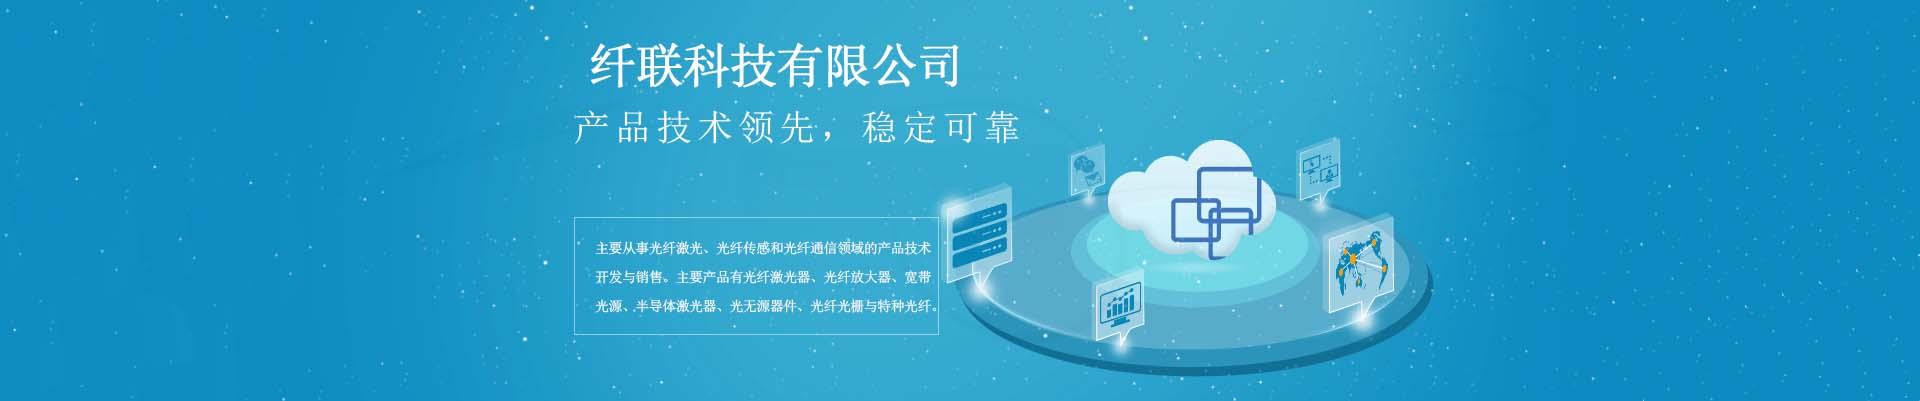 四川纤联科技有限公司